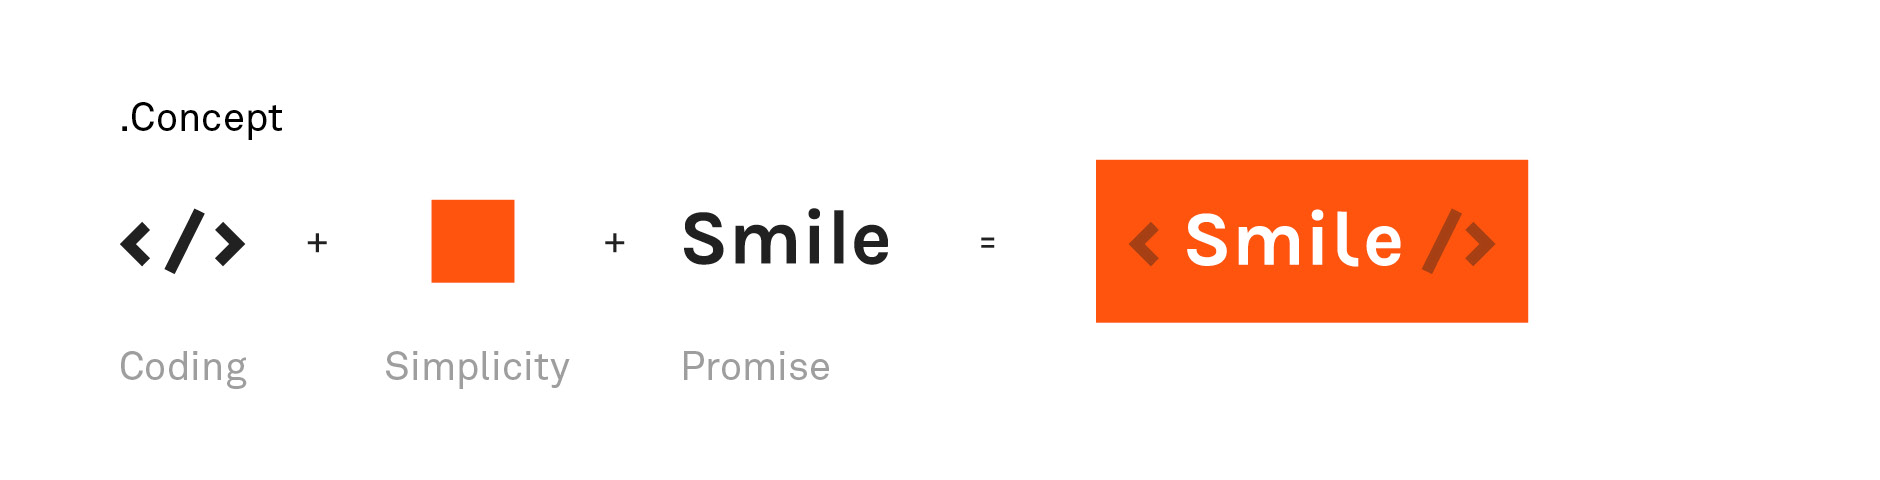 brand-design-smile4